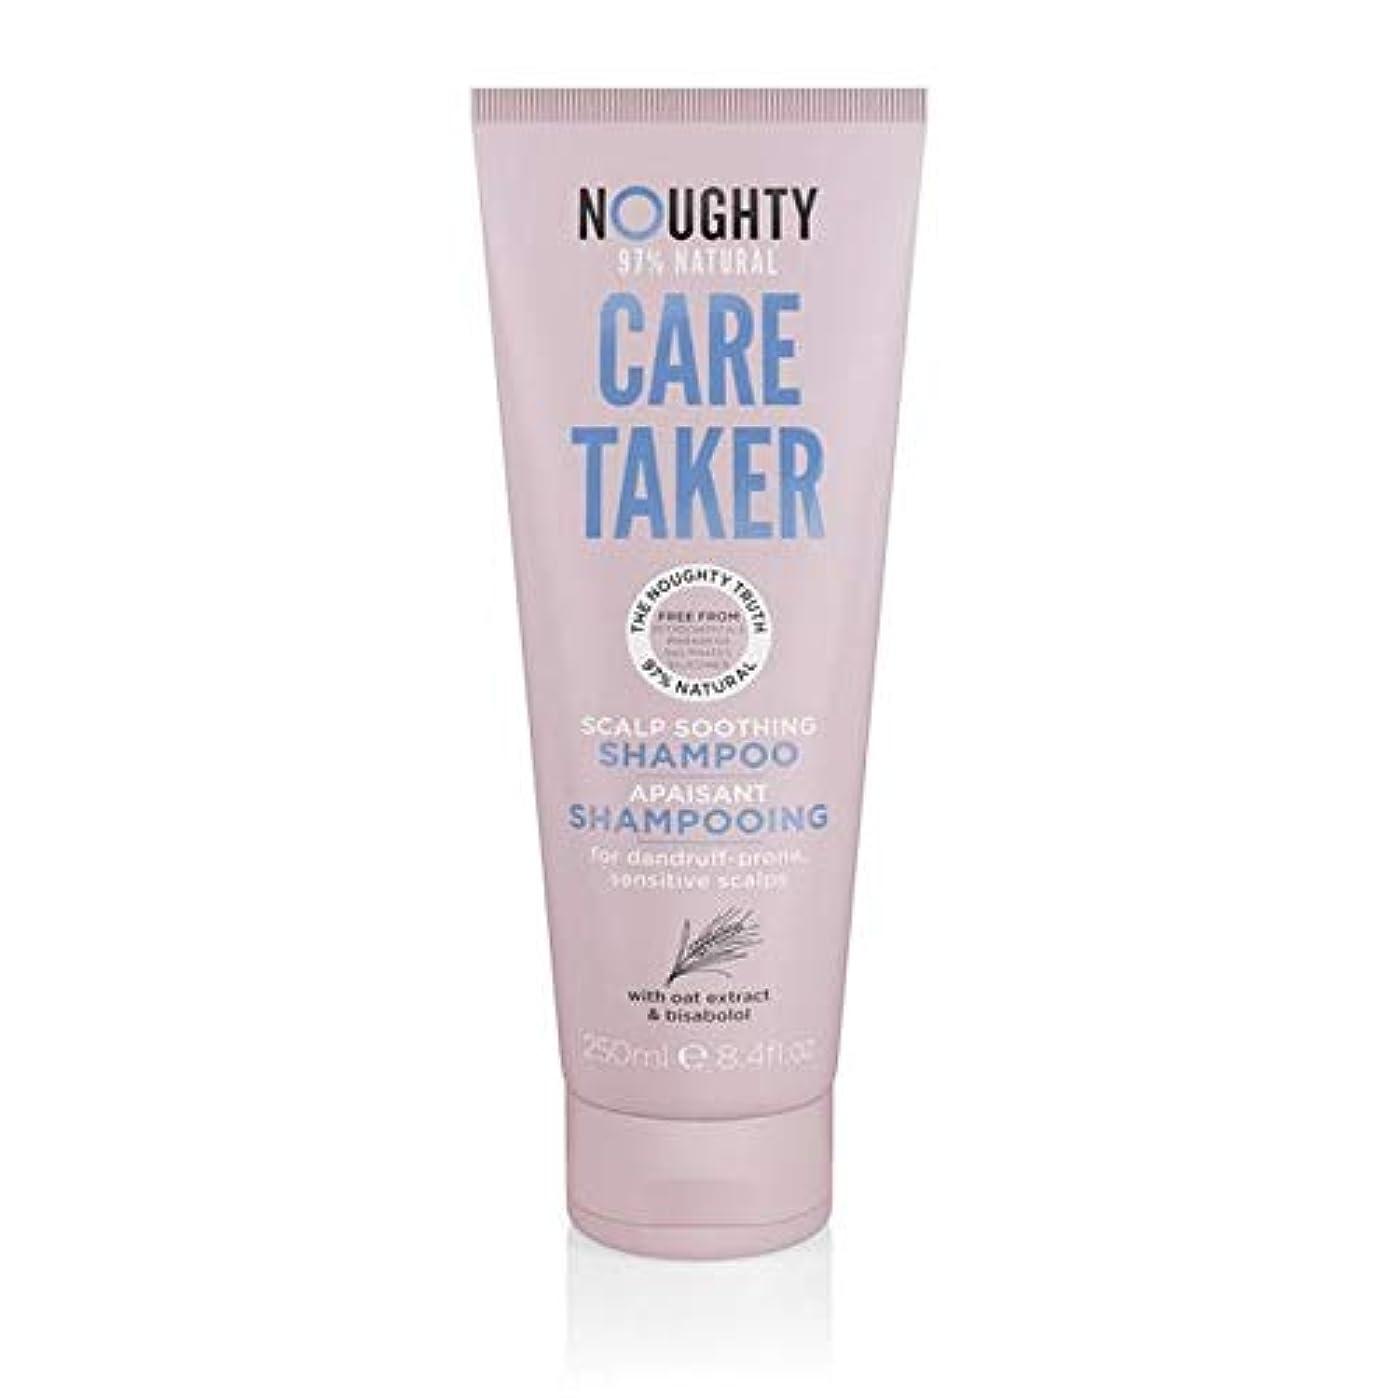 刃夜の動物園もろい[Noughty] Noughtyケアテイカーシャンプー250Ml - Noughty Care Taker Shampoo 250ml [並行輸入品]